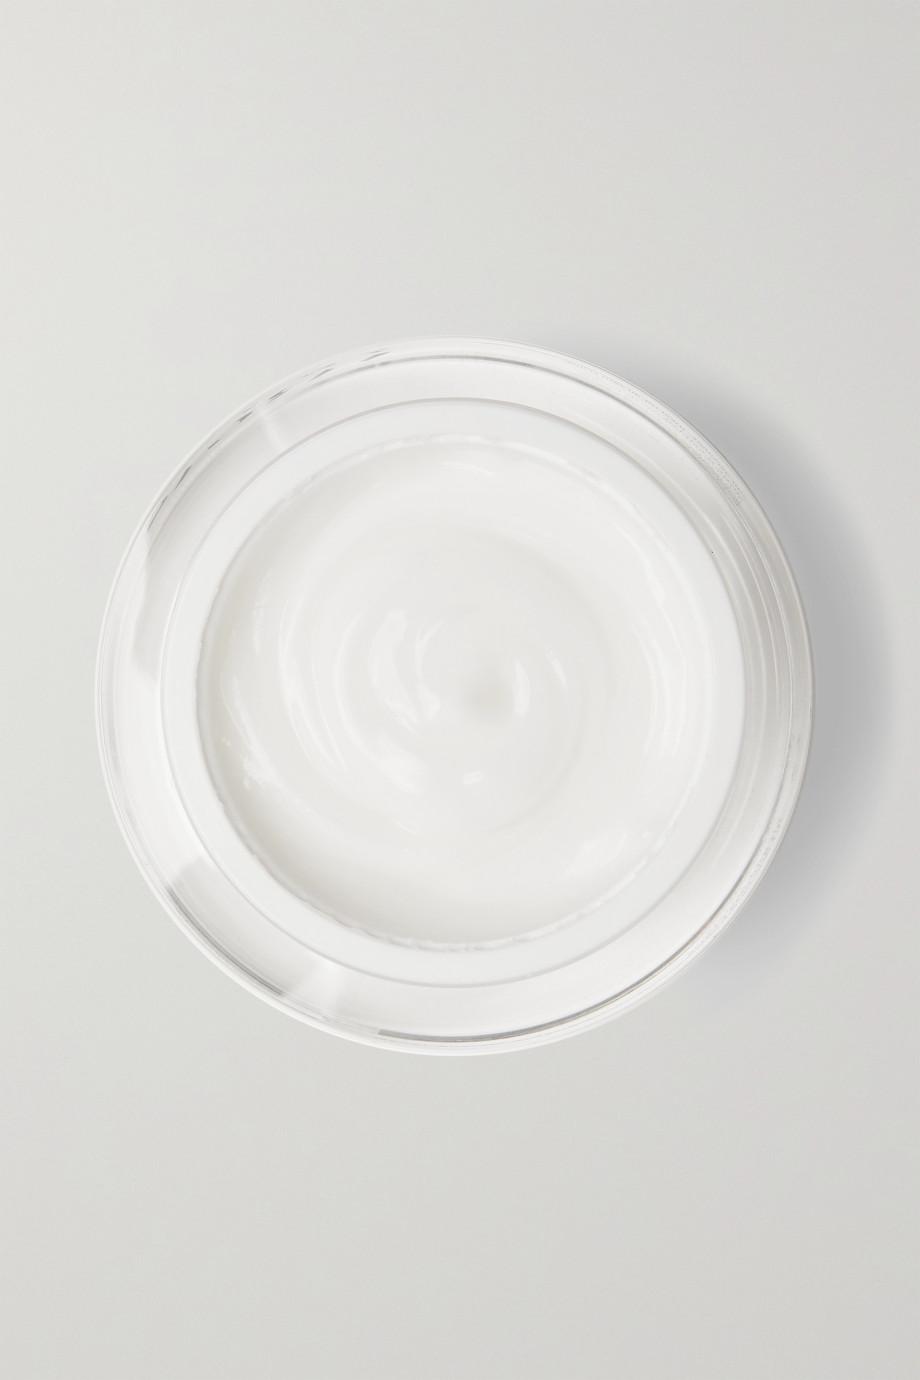 Joanna Vargas Eden Hydrating Pro Moisturizer, 50 ml – Feuchtigkeitscreme